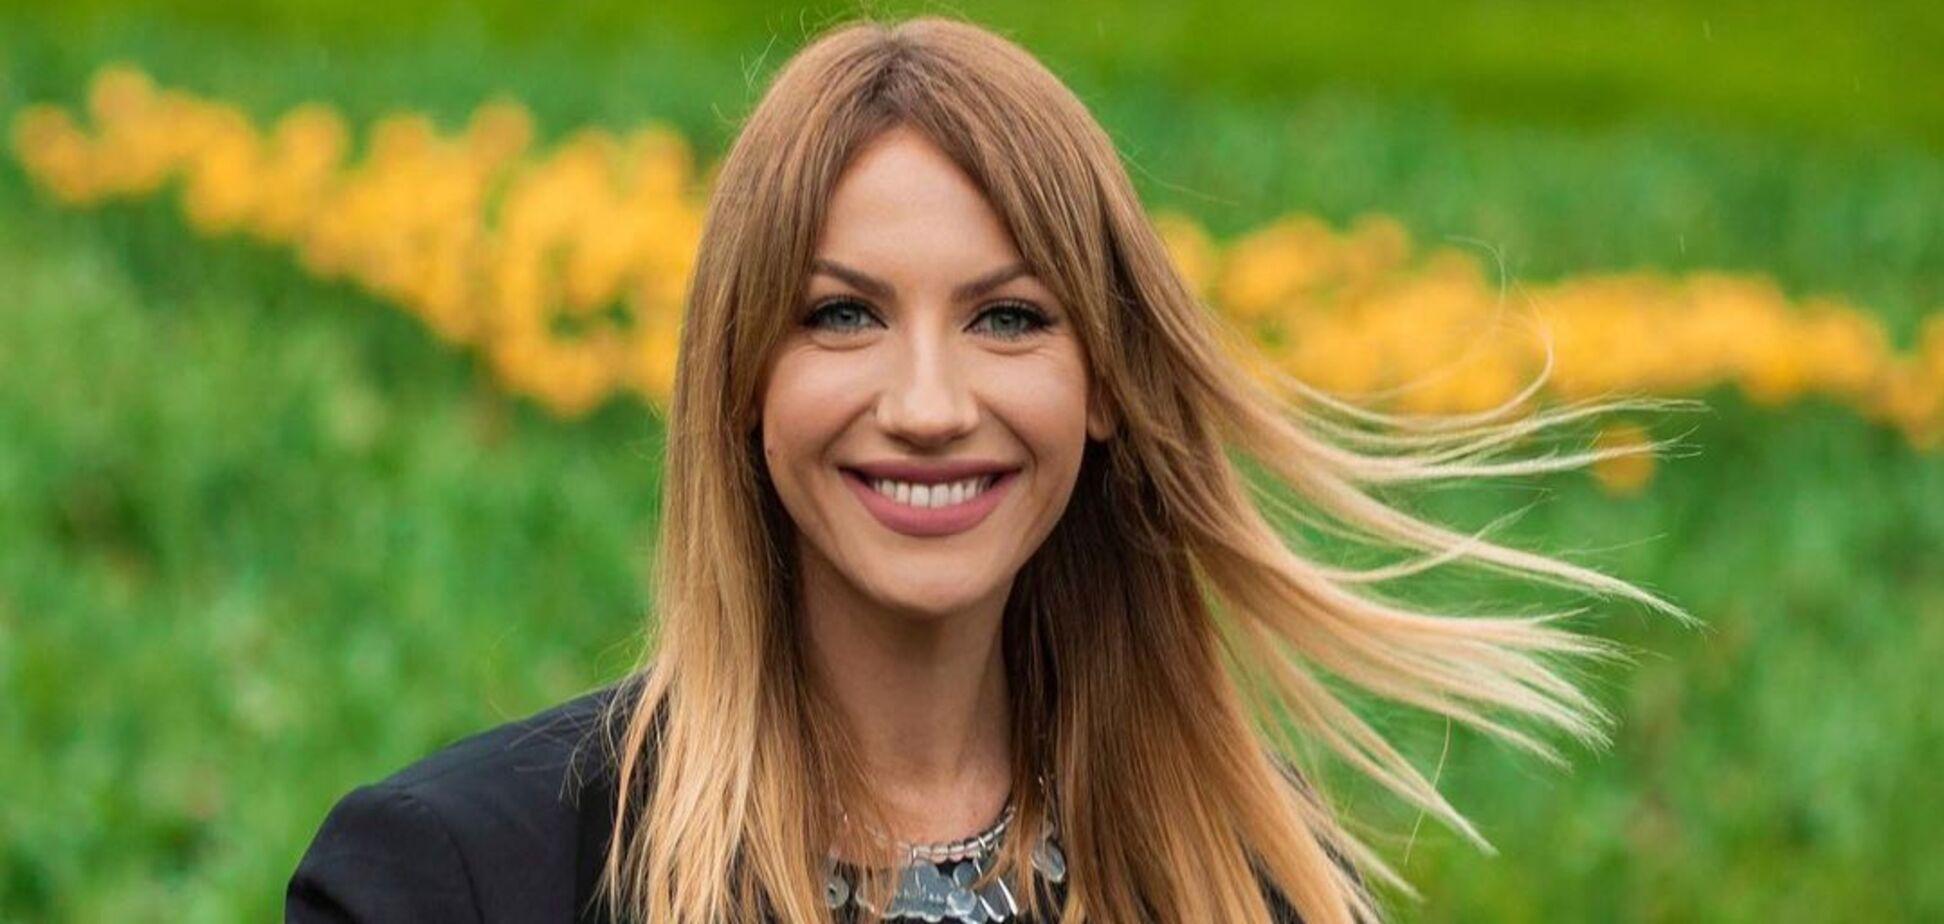 Українська телеведуча Леся Нікітюк показала стильні зачіски